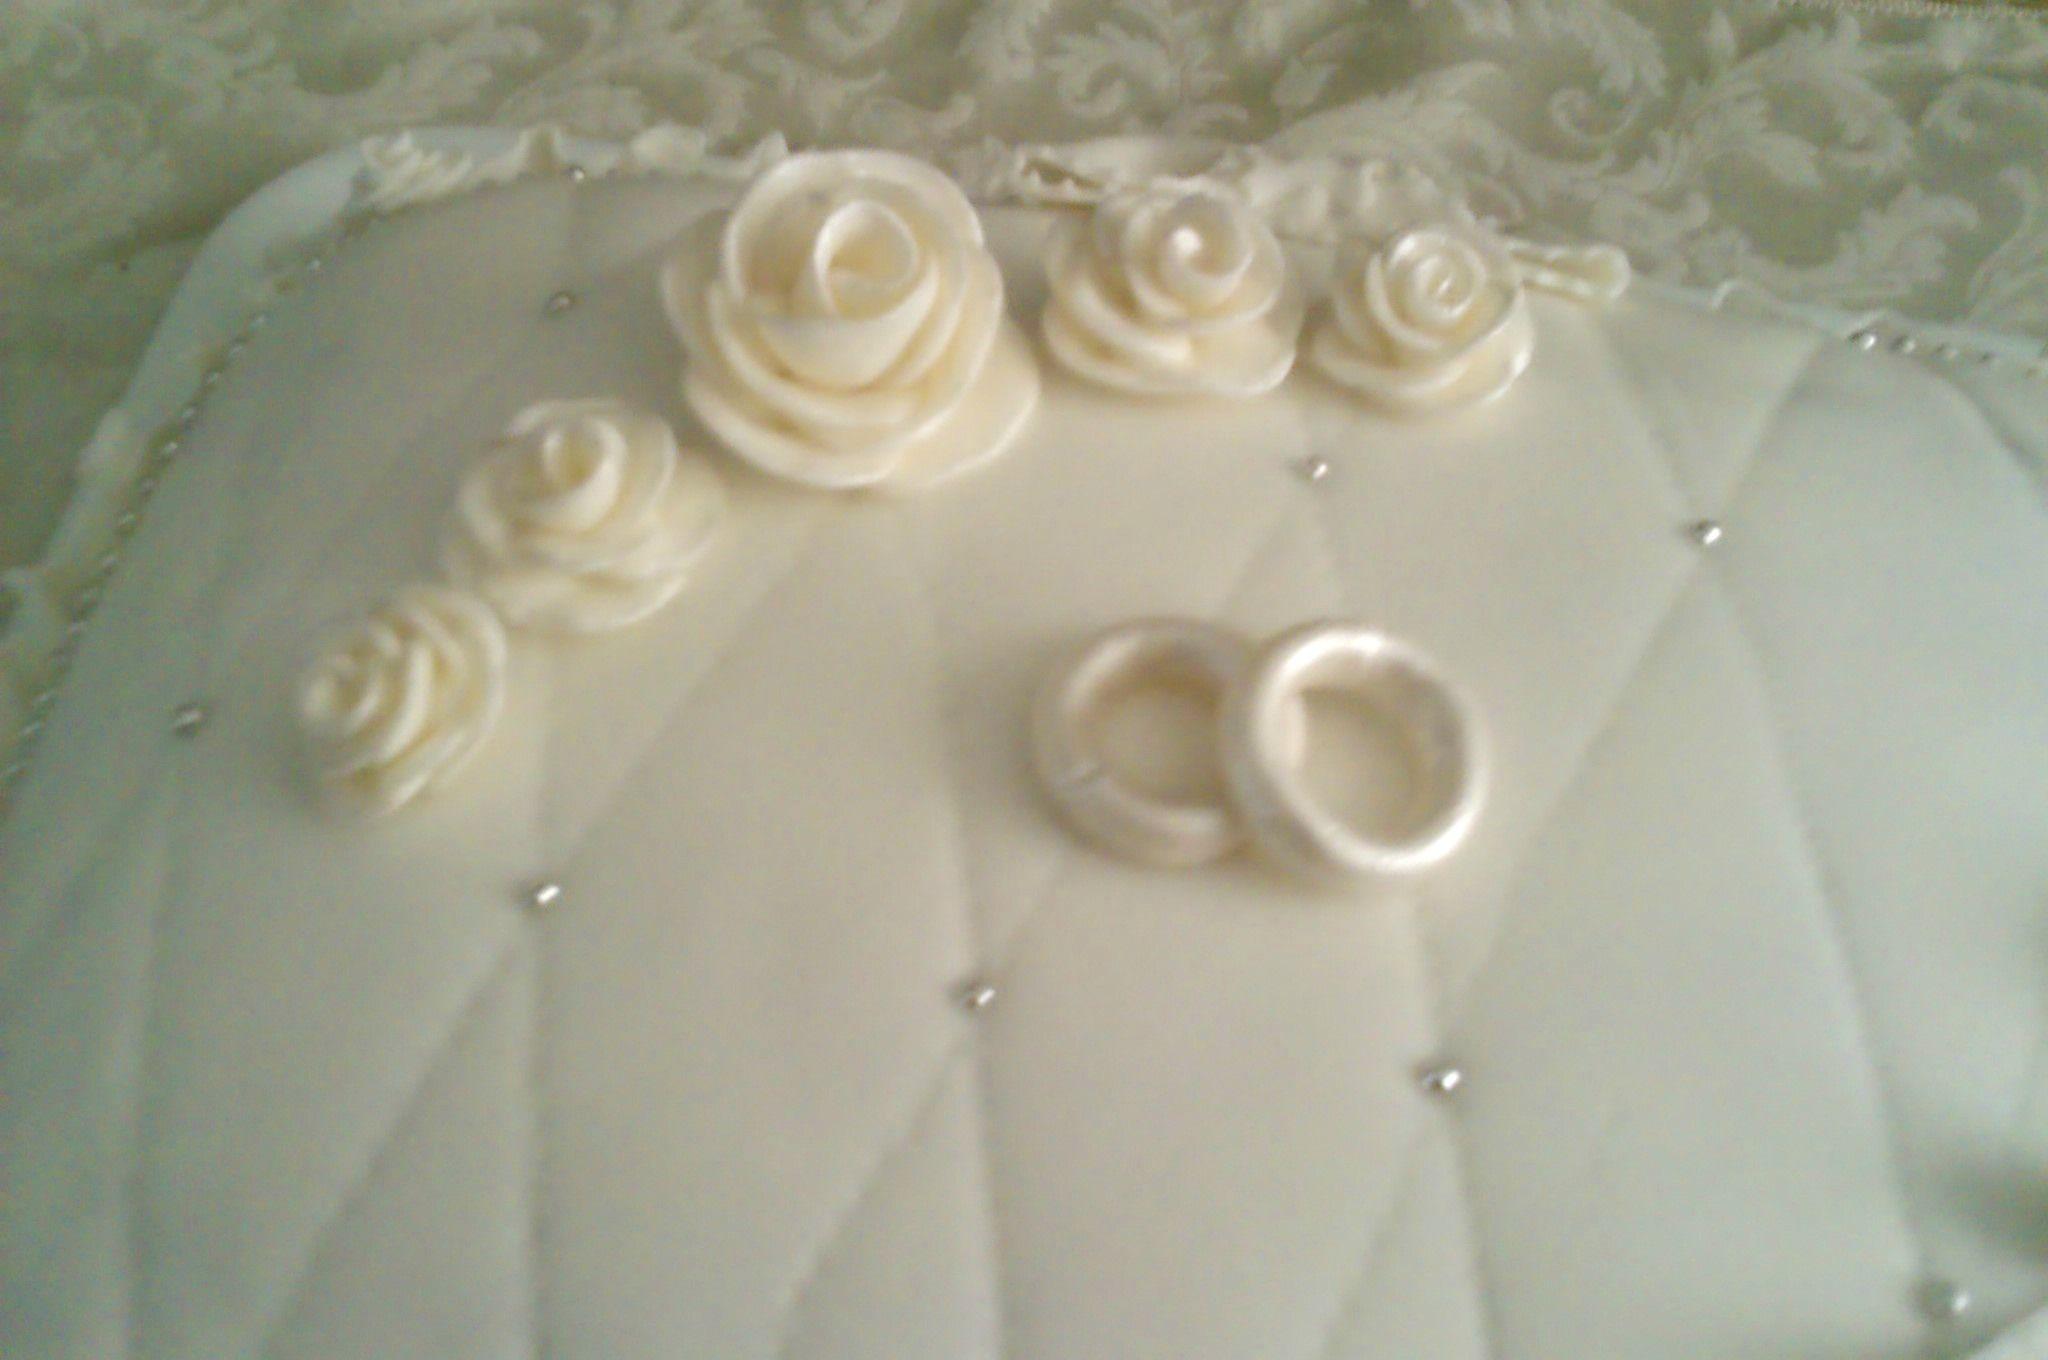 Torte Anniversario Di Matrimonio Pasta Di Zucchero.Dolci In Pasta Di Zucchero Anniversario Matrimonio Cerca Con